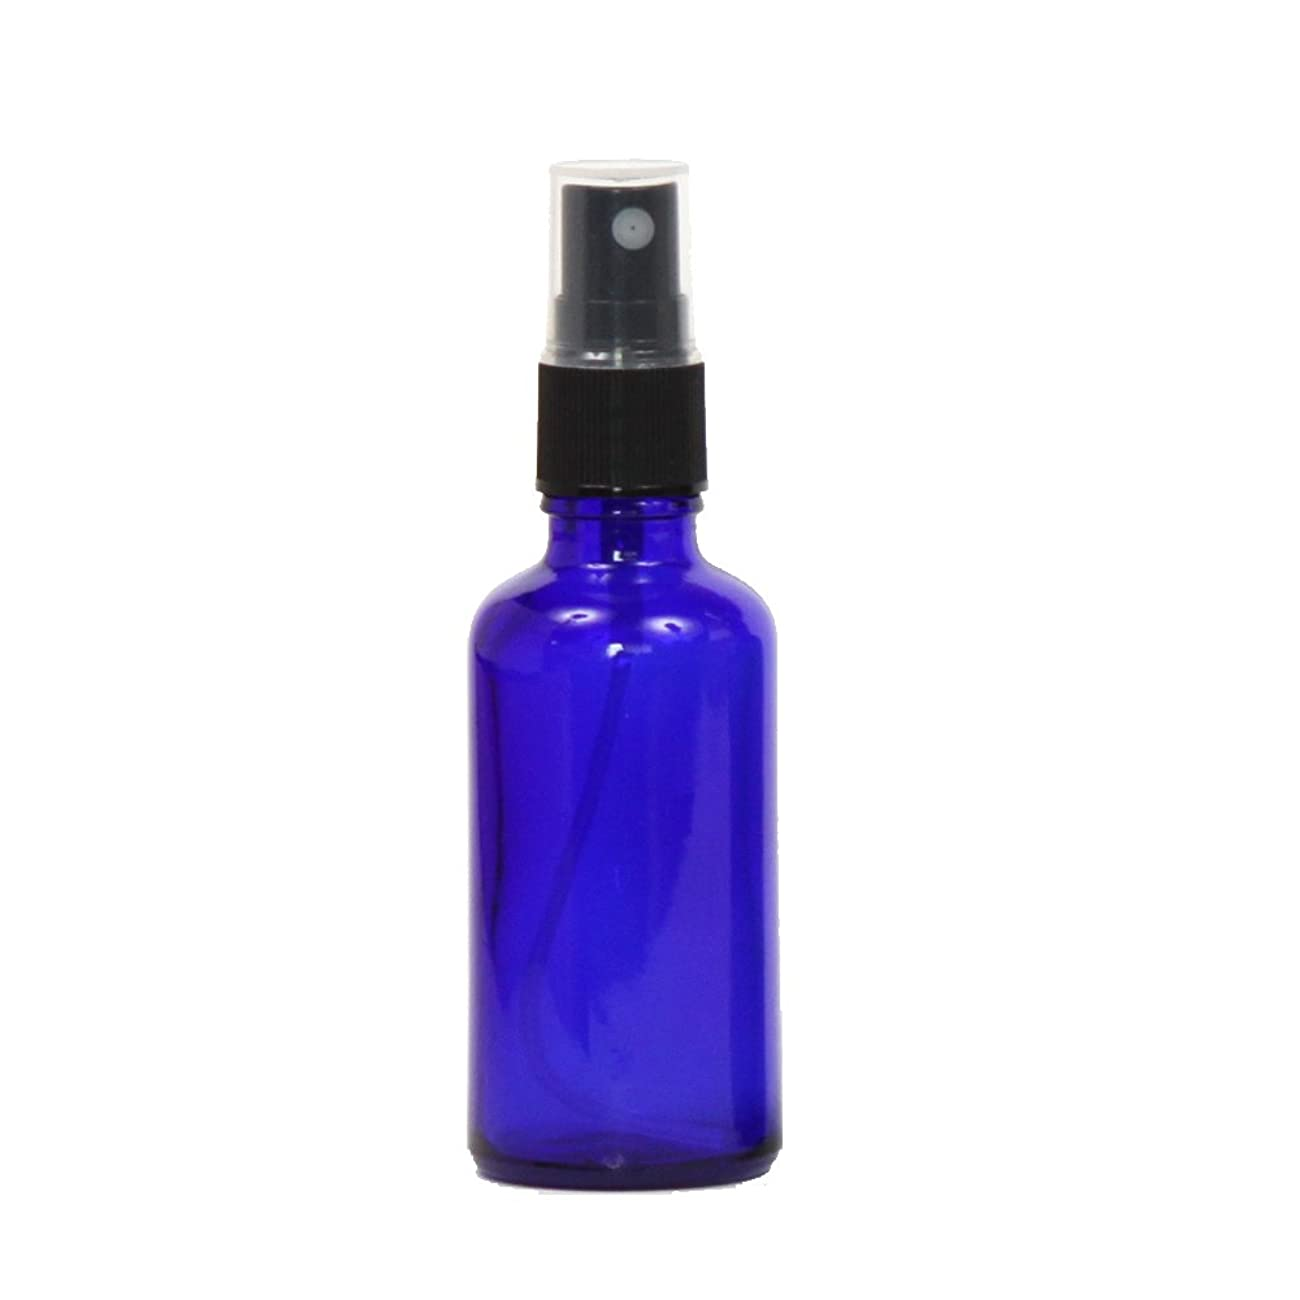 レンダリング王位厄介なスプレー容器 ガラス瓶ボトル 50mL 遮光性ブルー おしゃれガラスアトマイザー 空容器bu50g